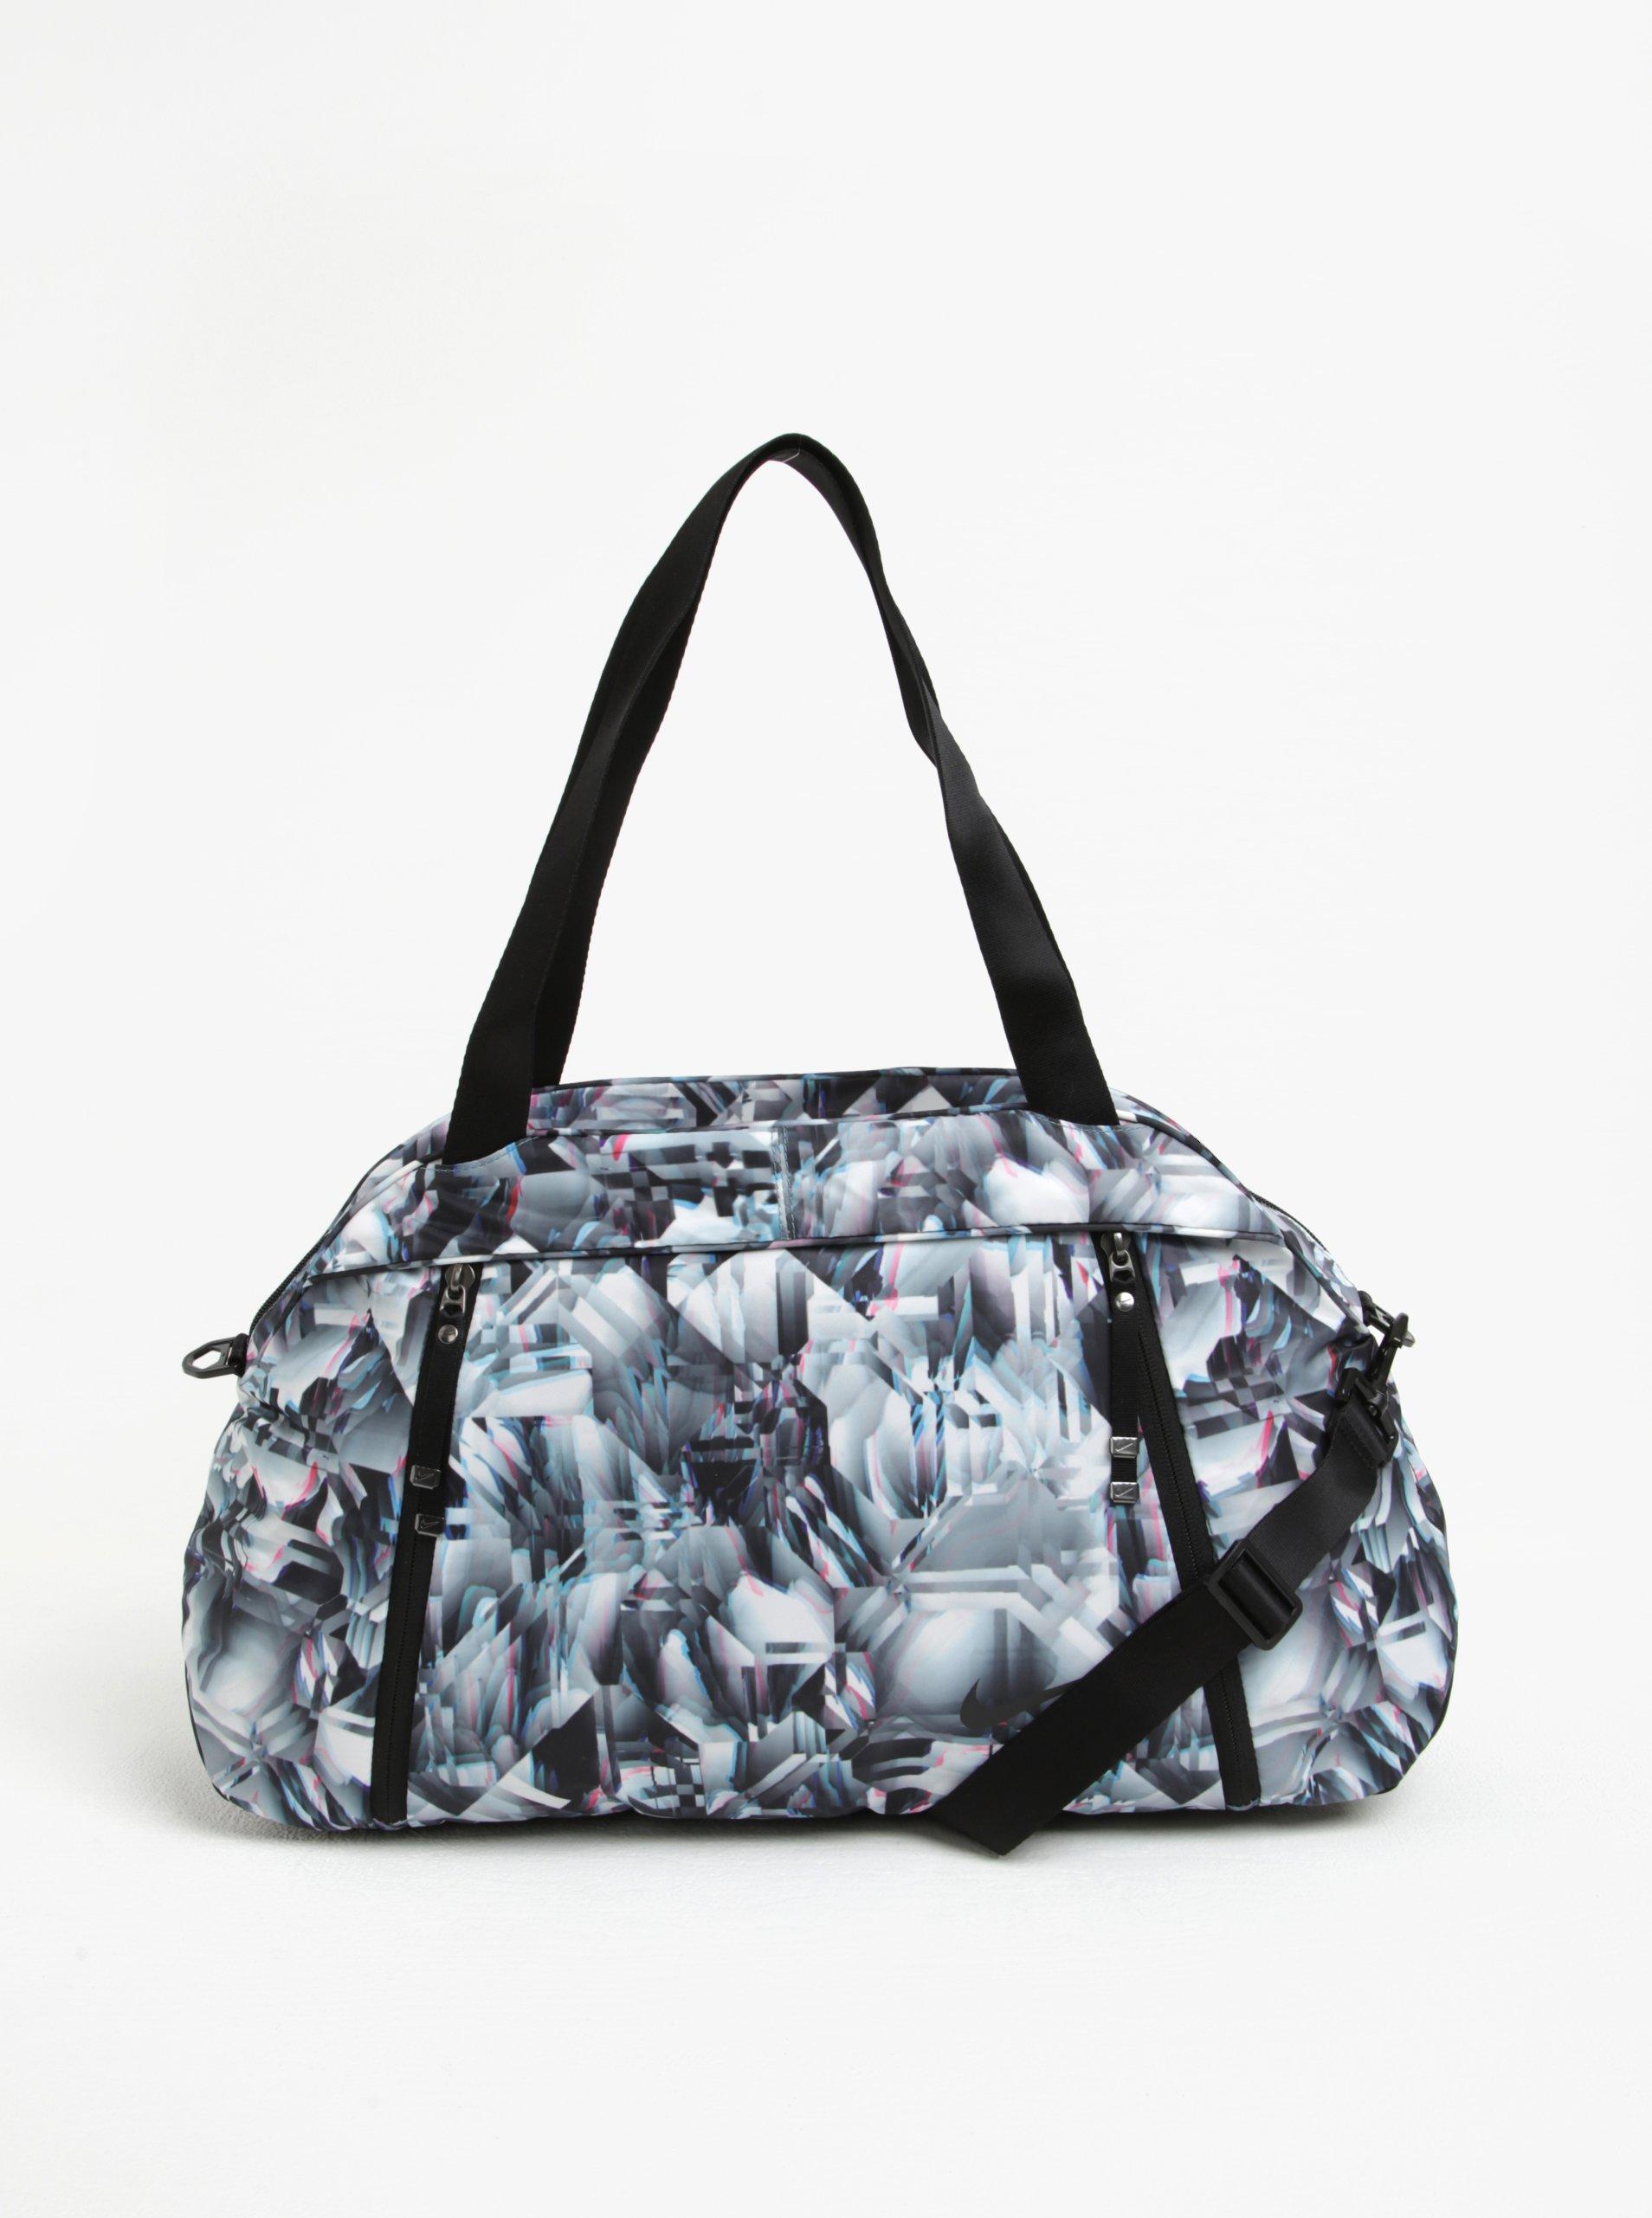 Černo-bílá dámská vzorovaná sportovní taška Nike 23 l